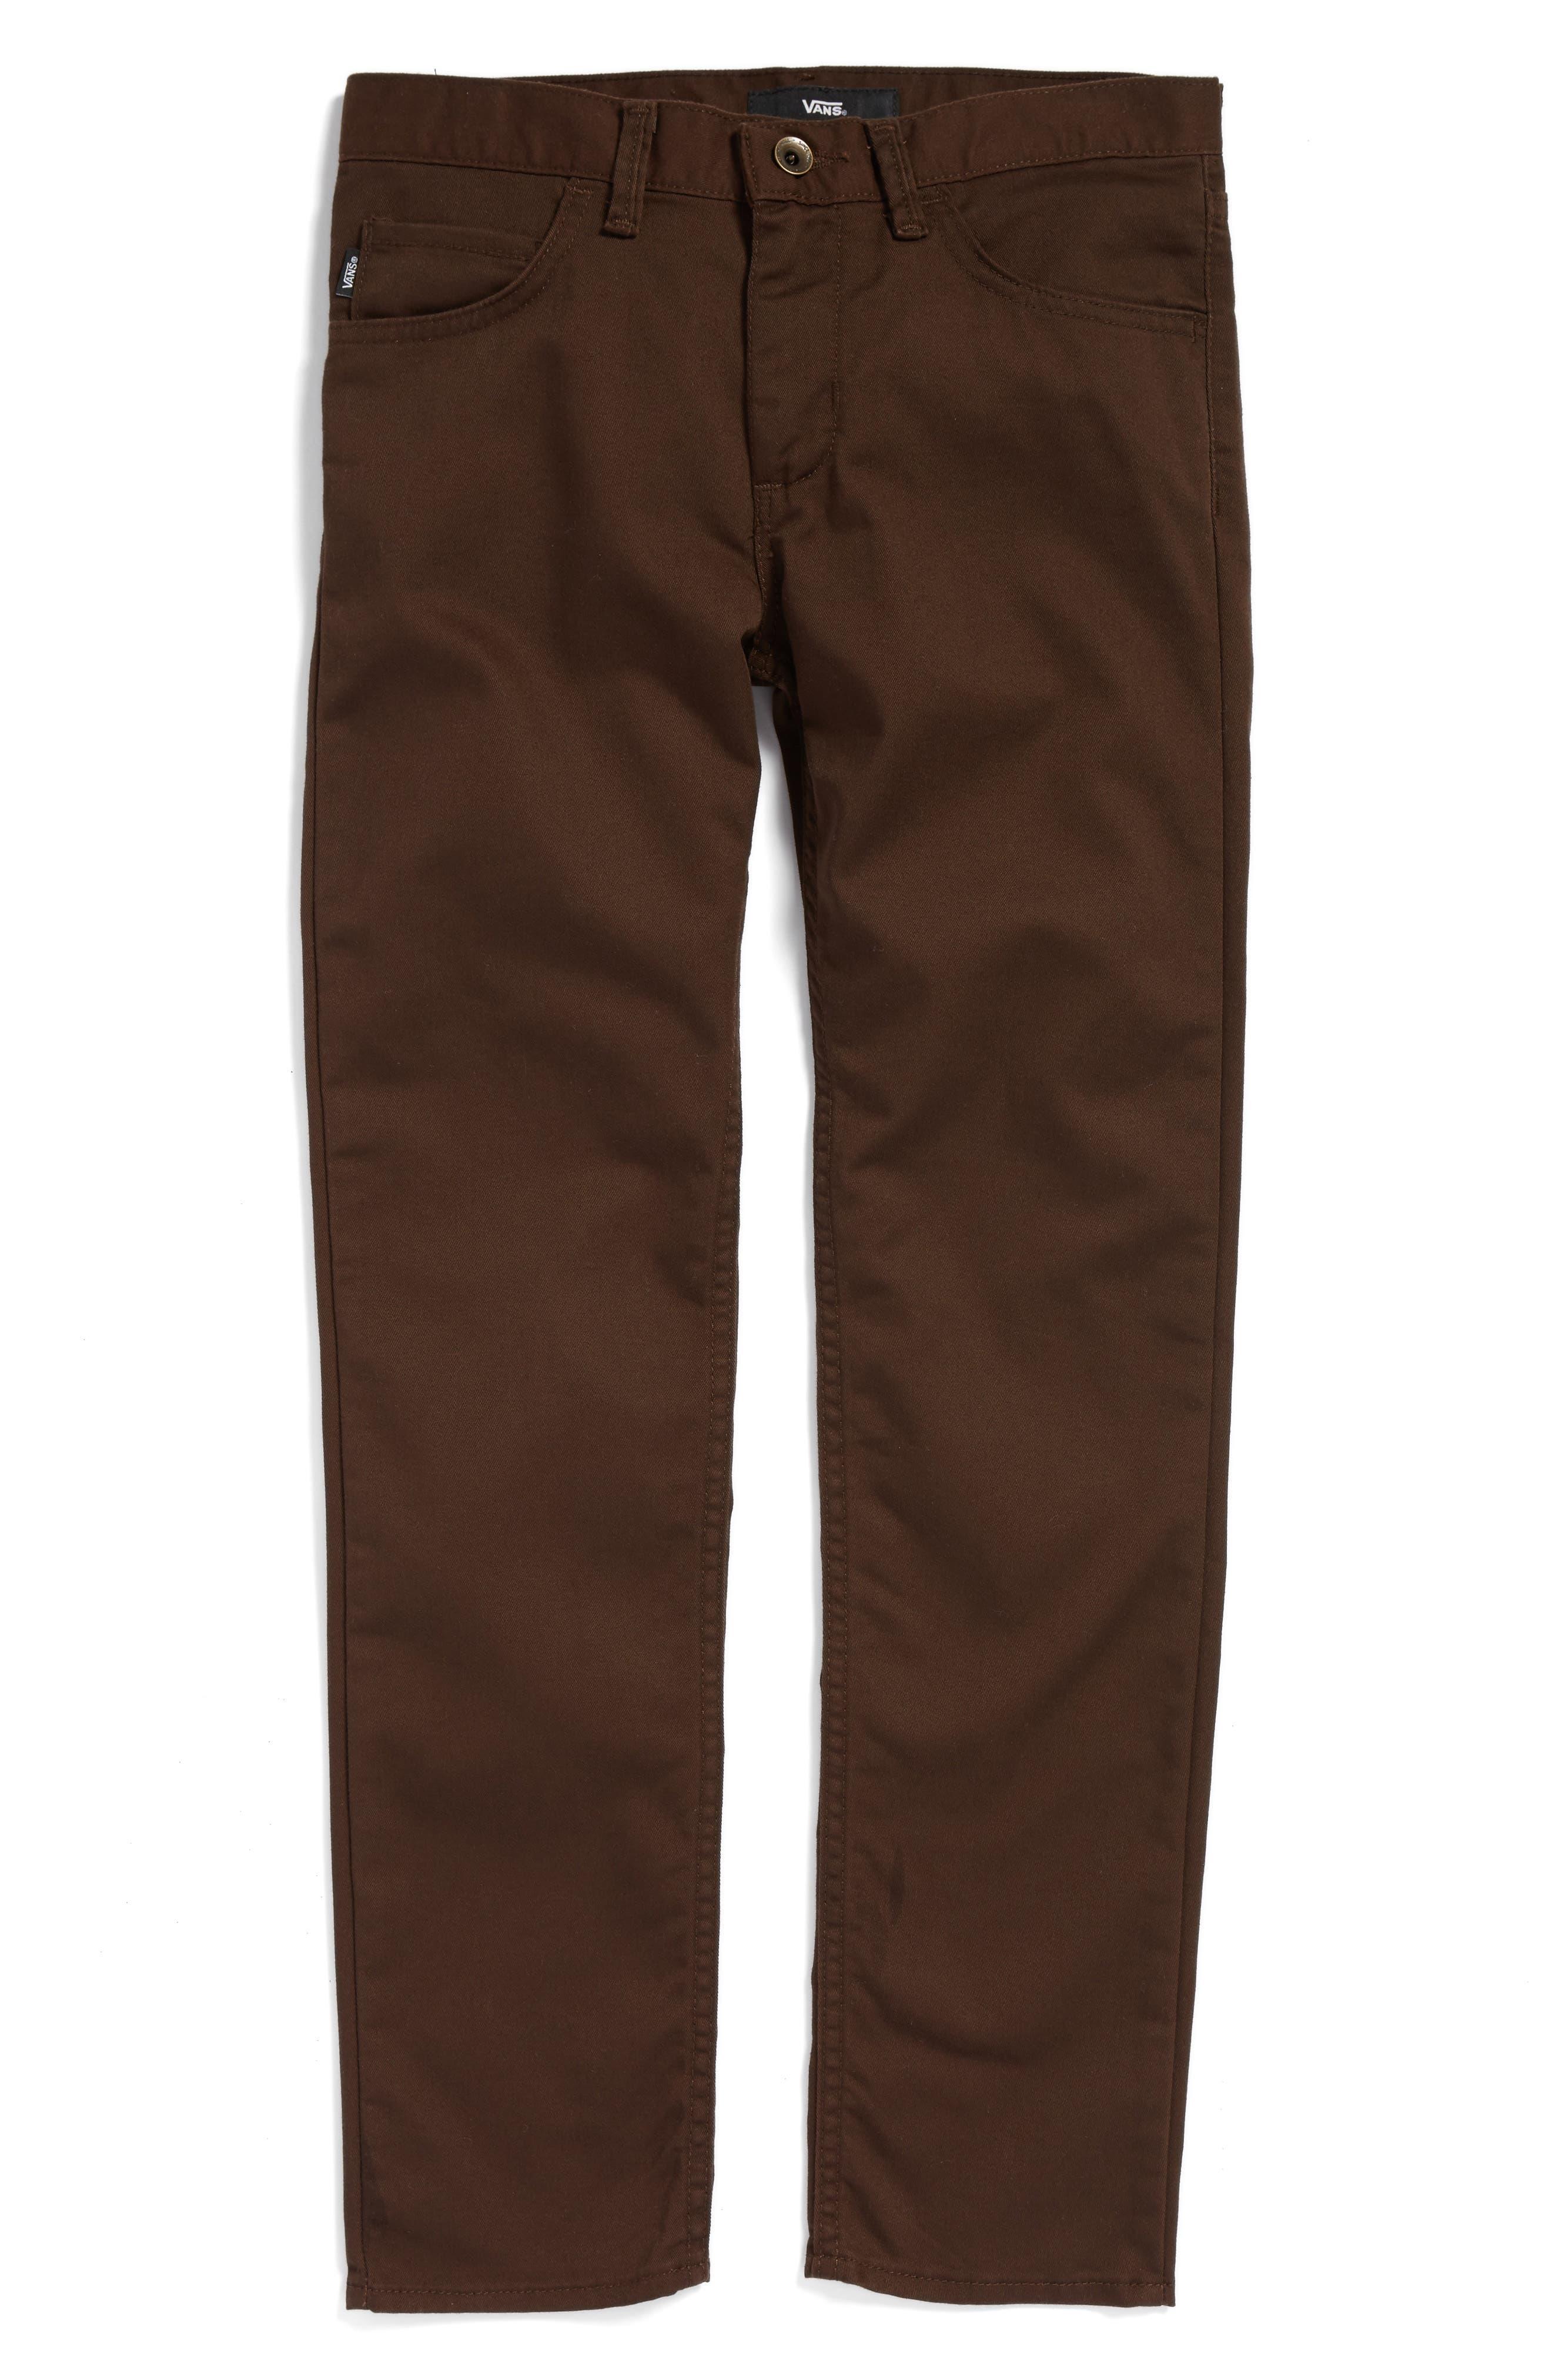 'V56 Standard AV Covina' Pants,                             Main thumbnail 1, color,                             201